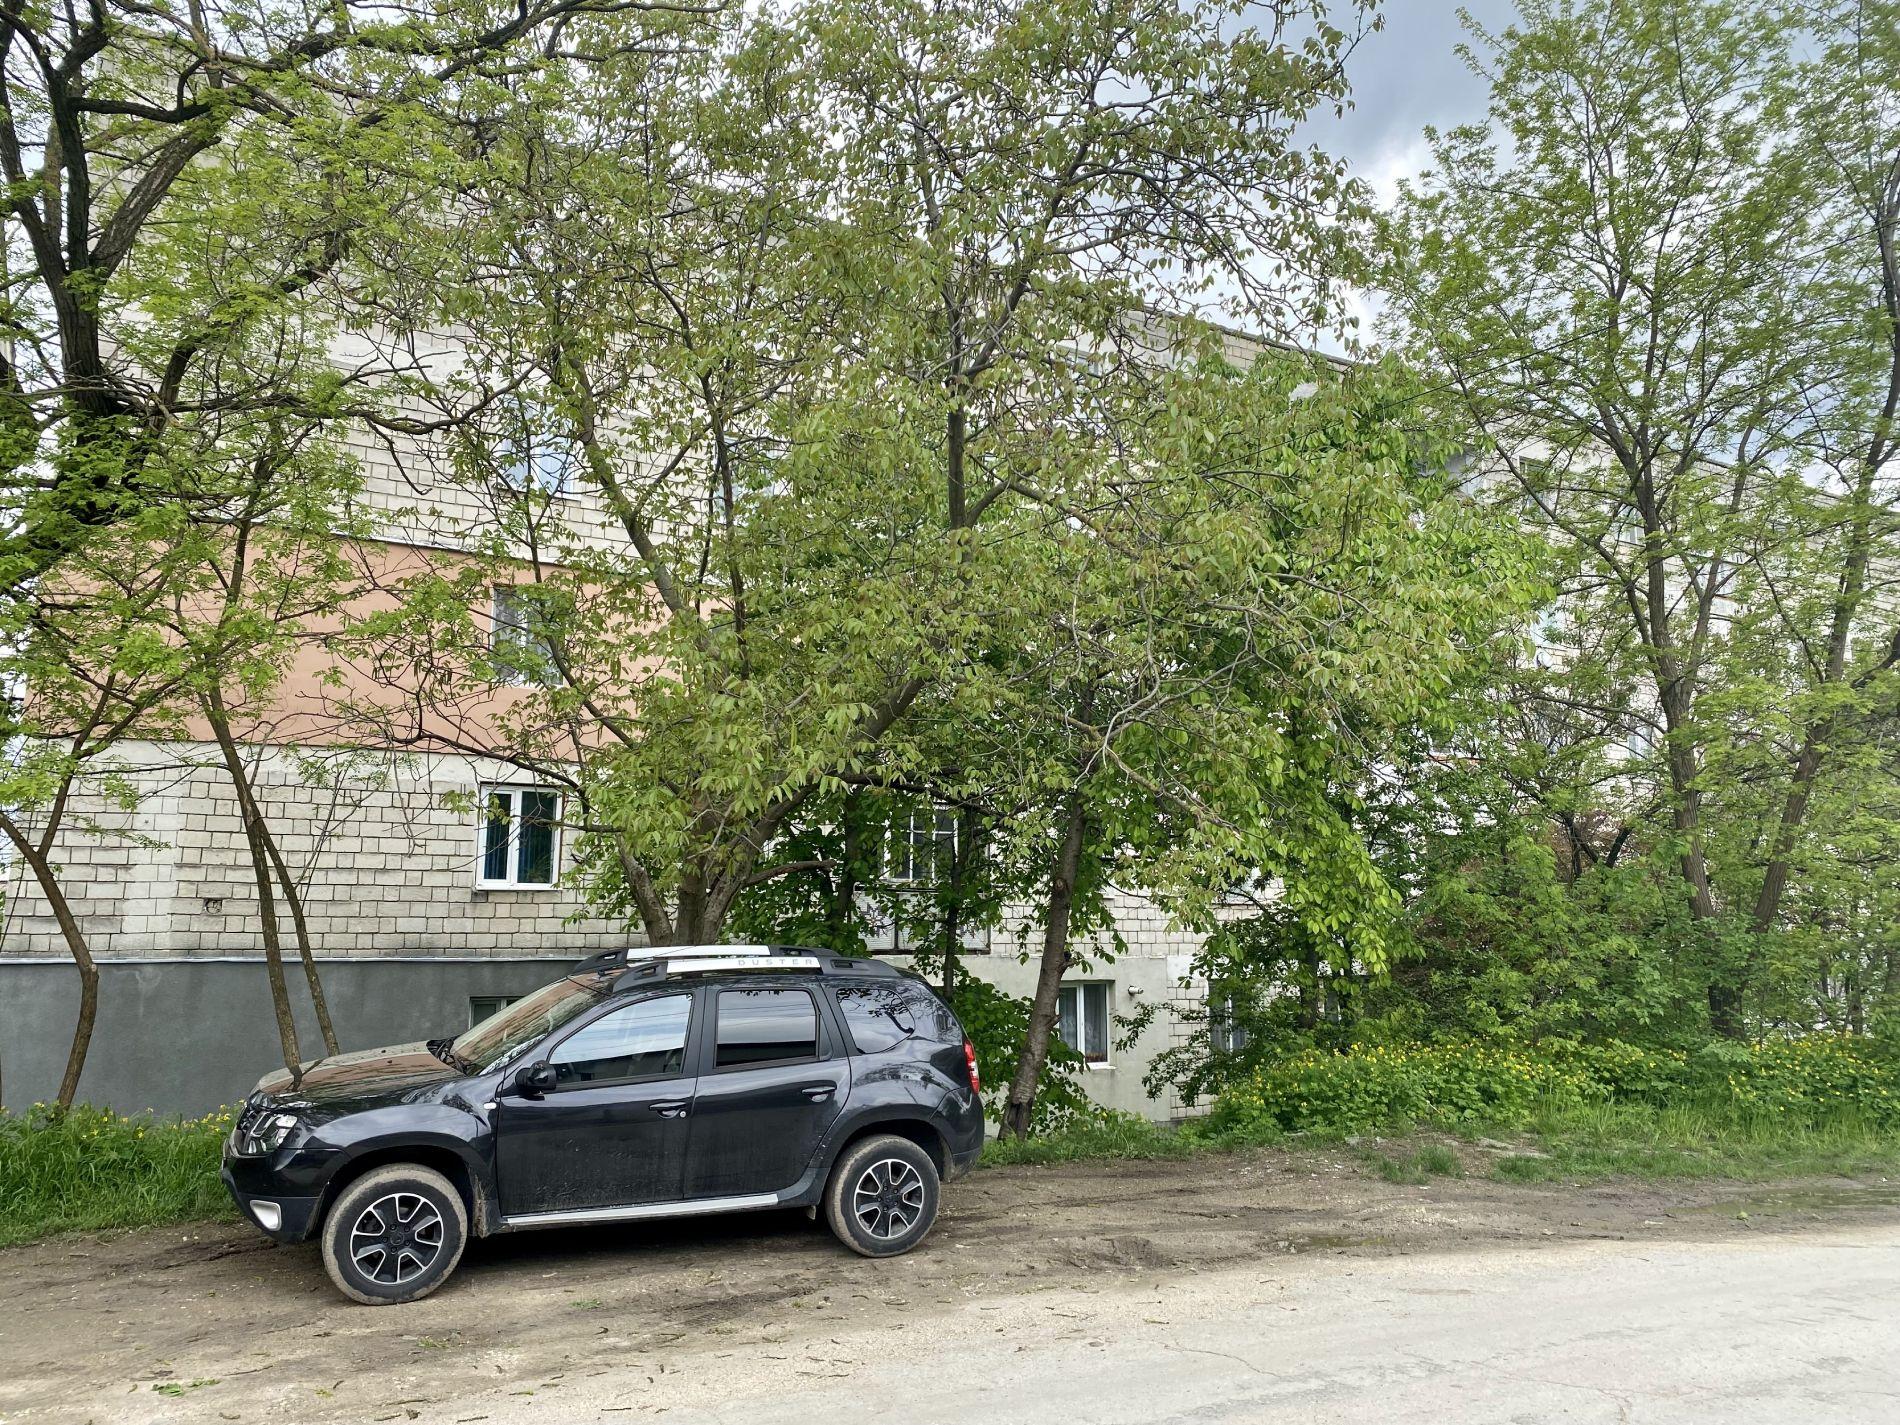 Mașina lui Vasile Secrieru parcată în spatele blocului în care locuiește